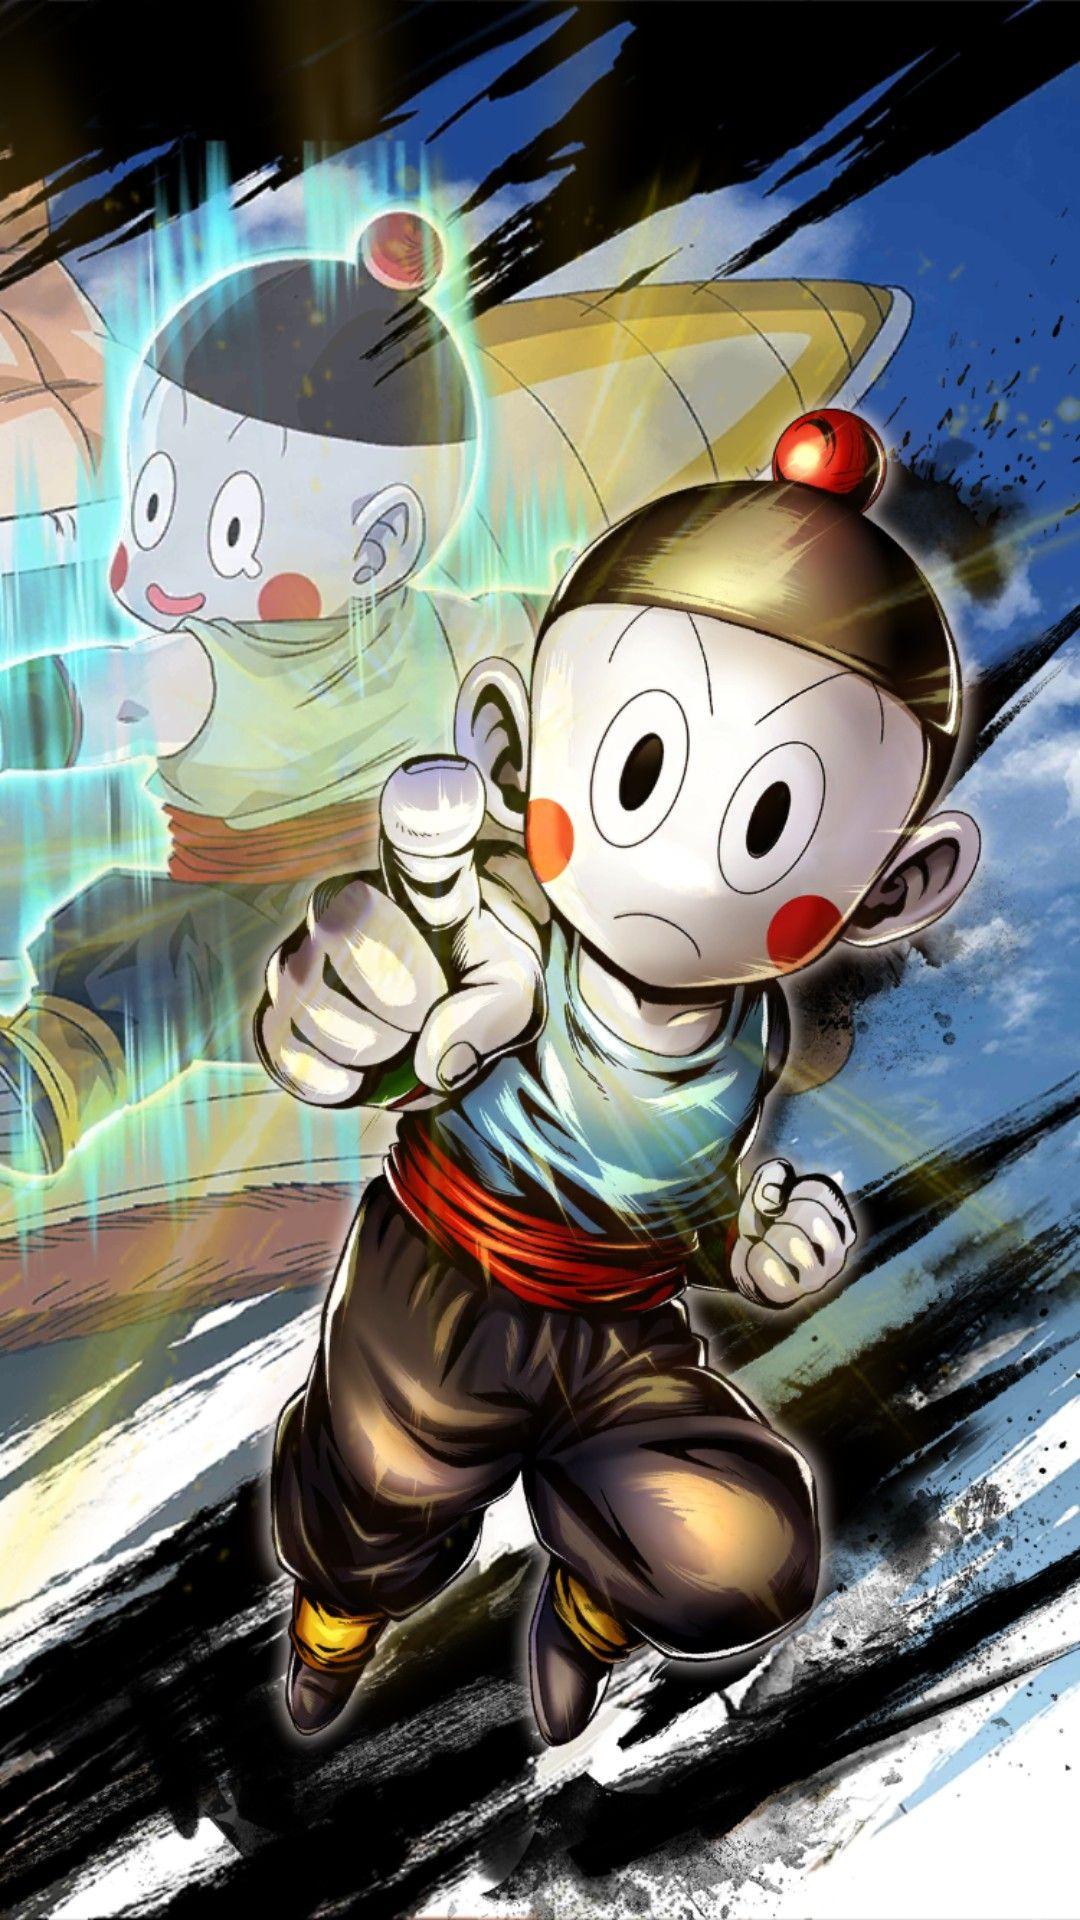 Pin By Ekipoblood On Manga Anime Dragon Ball Dragon Ball Art Dragon Ball Z